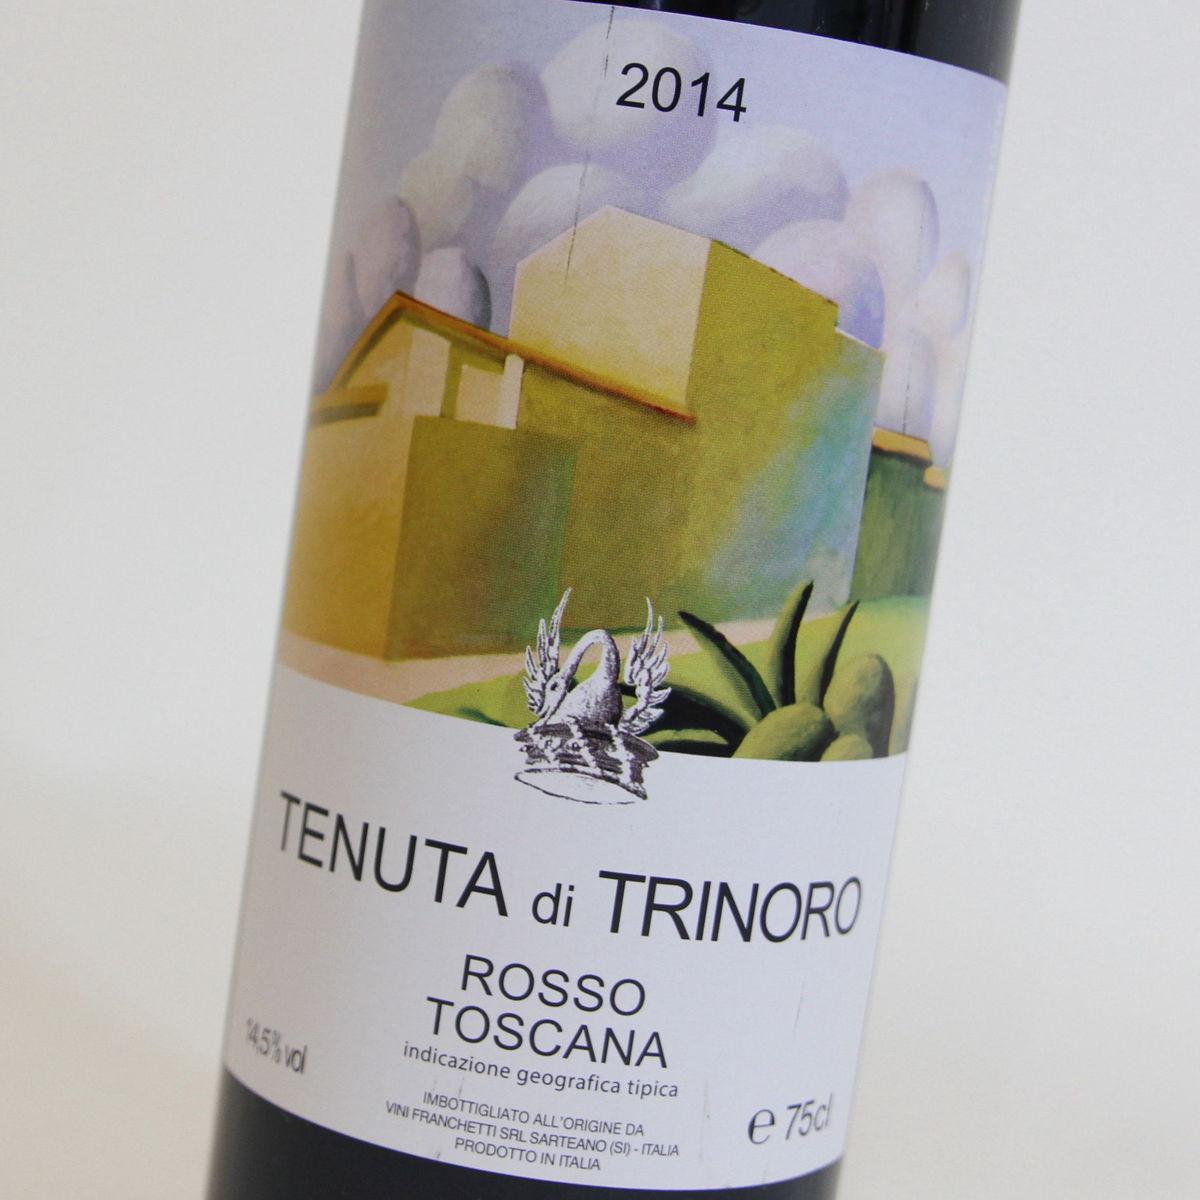 【2014年】ロッソトスカーナ テヌータ ディ トリノーロ Rosso Toscana Tenuta di Trinoro イタリア トスカーナ州 赤ワイン 750ml